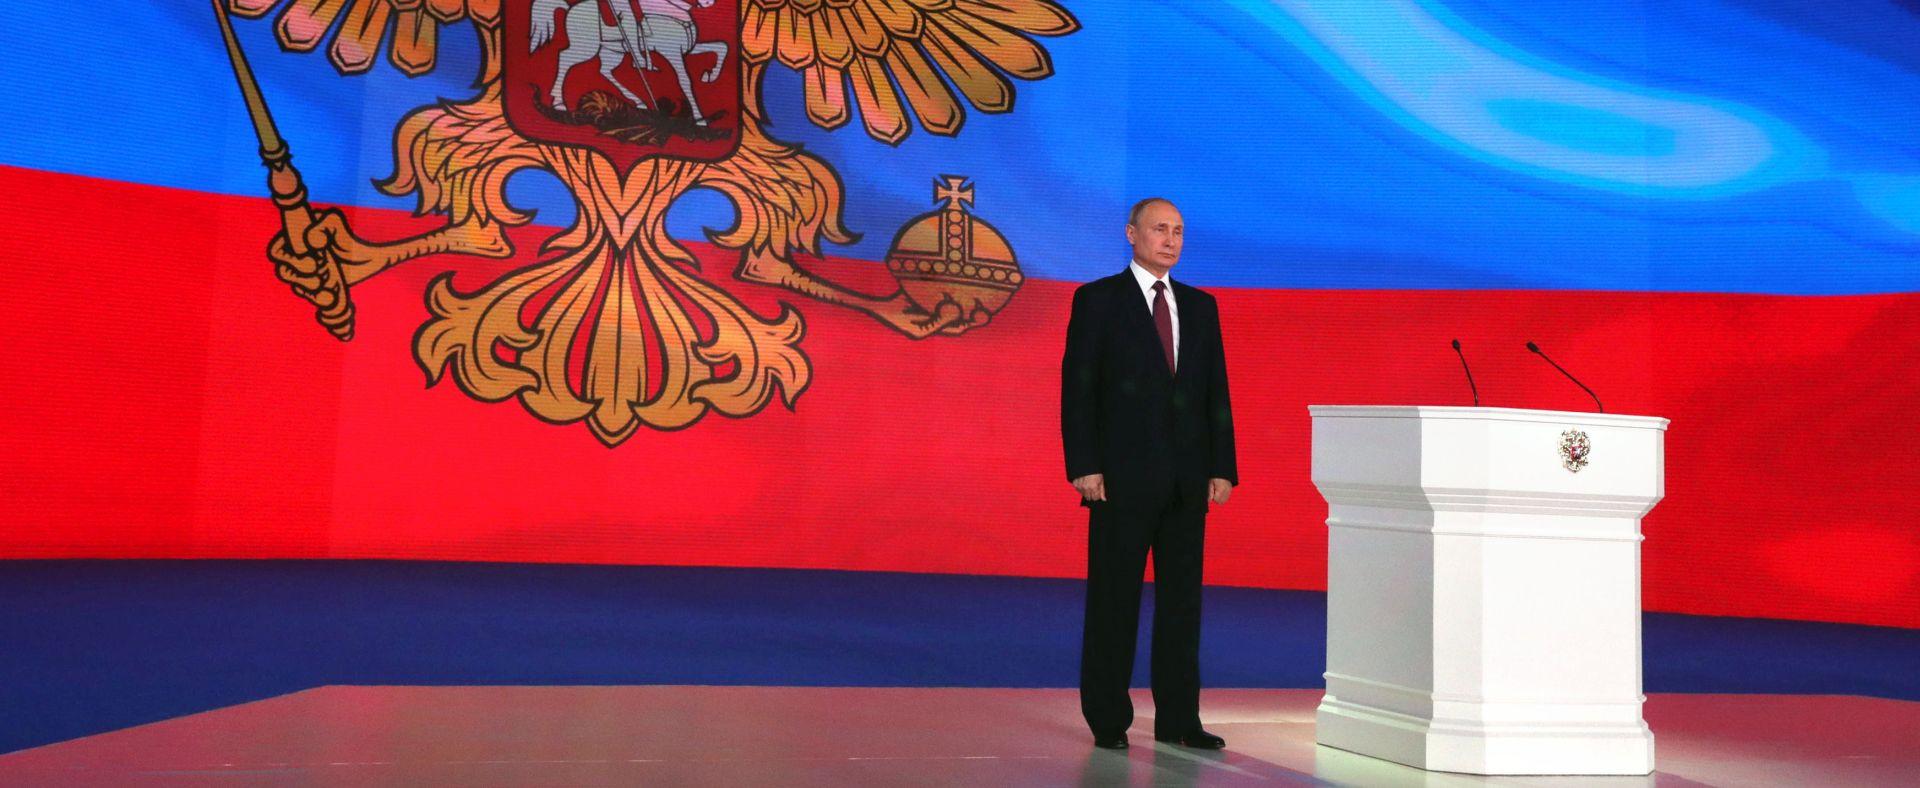 Putin tvrdi da neće promijeniti Ustav kako bi ostao na vlasti